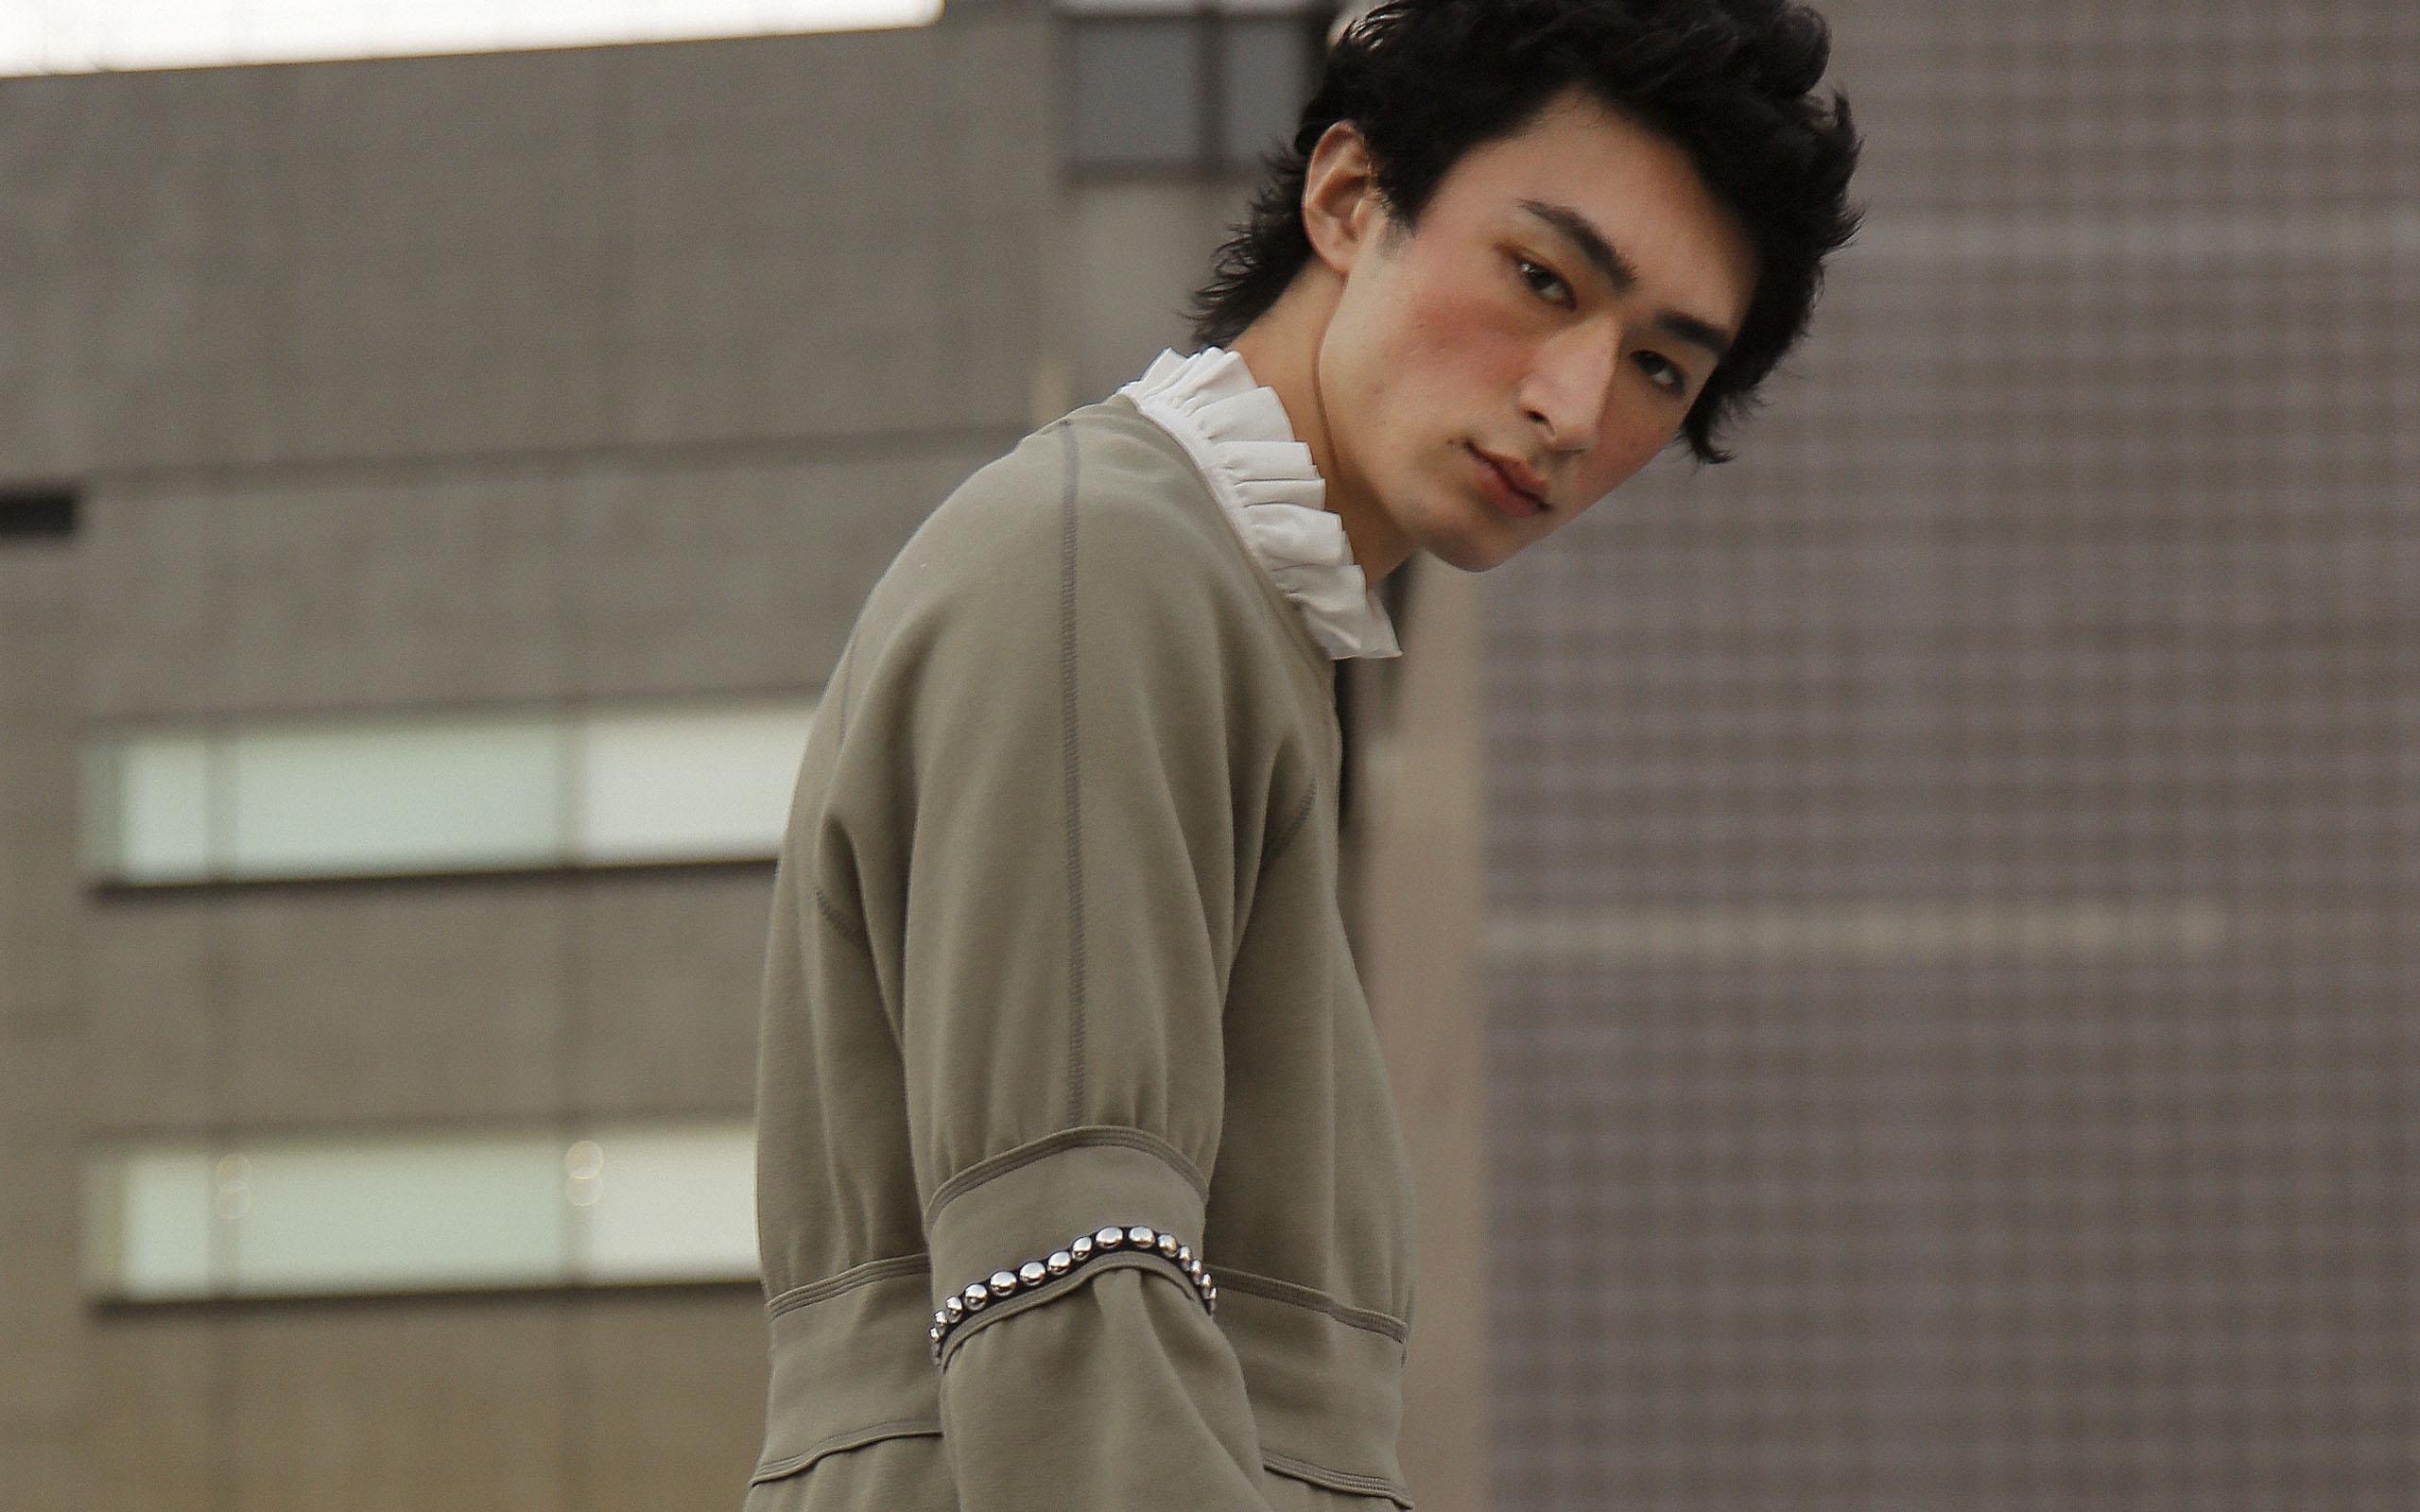 【The Look × Droptokyo】海老原拓弥とバーバリー、東京が紡ぎ出すネオ・ロマンティシズム